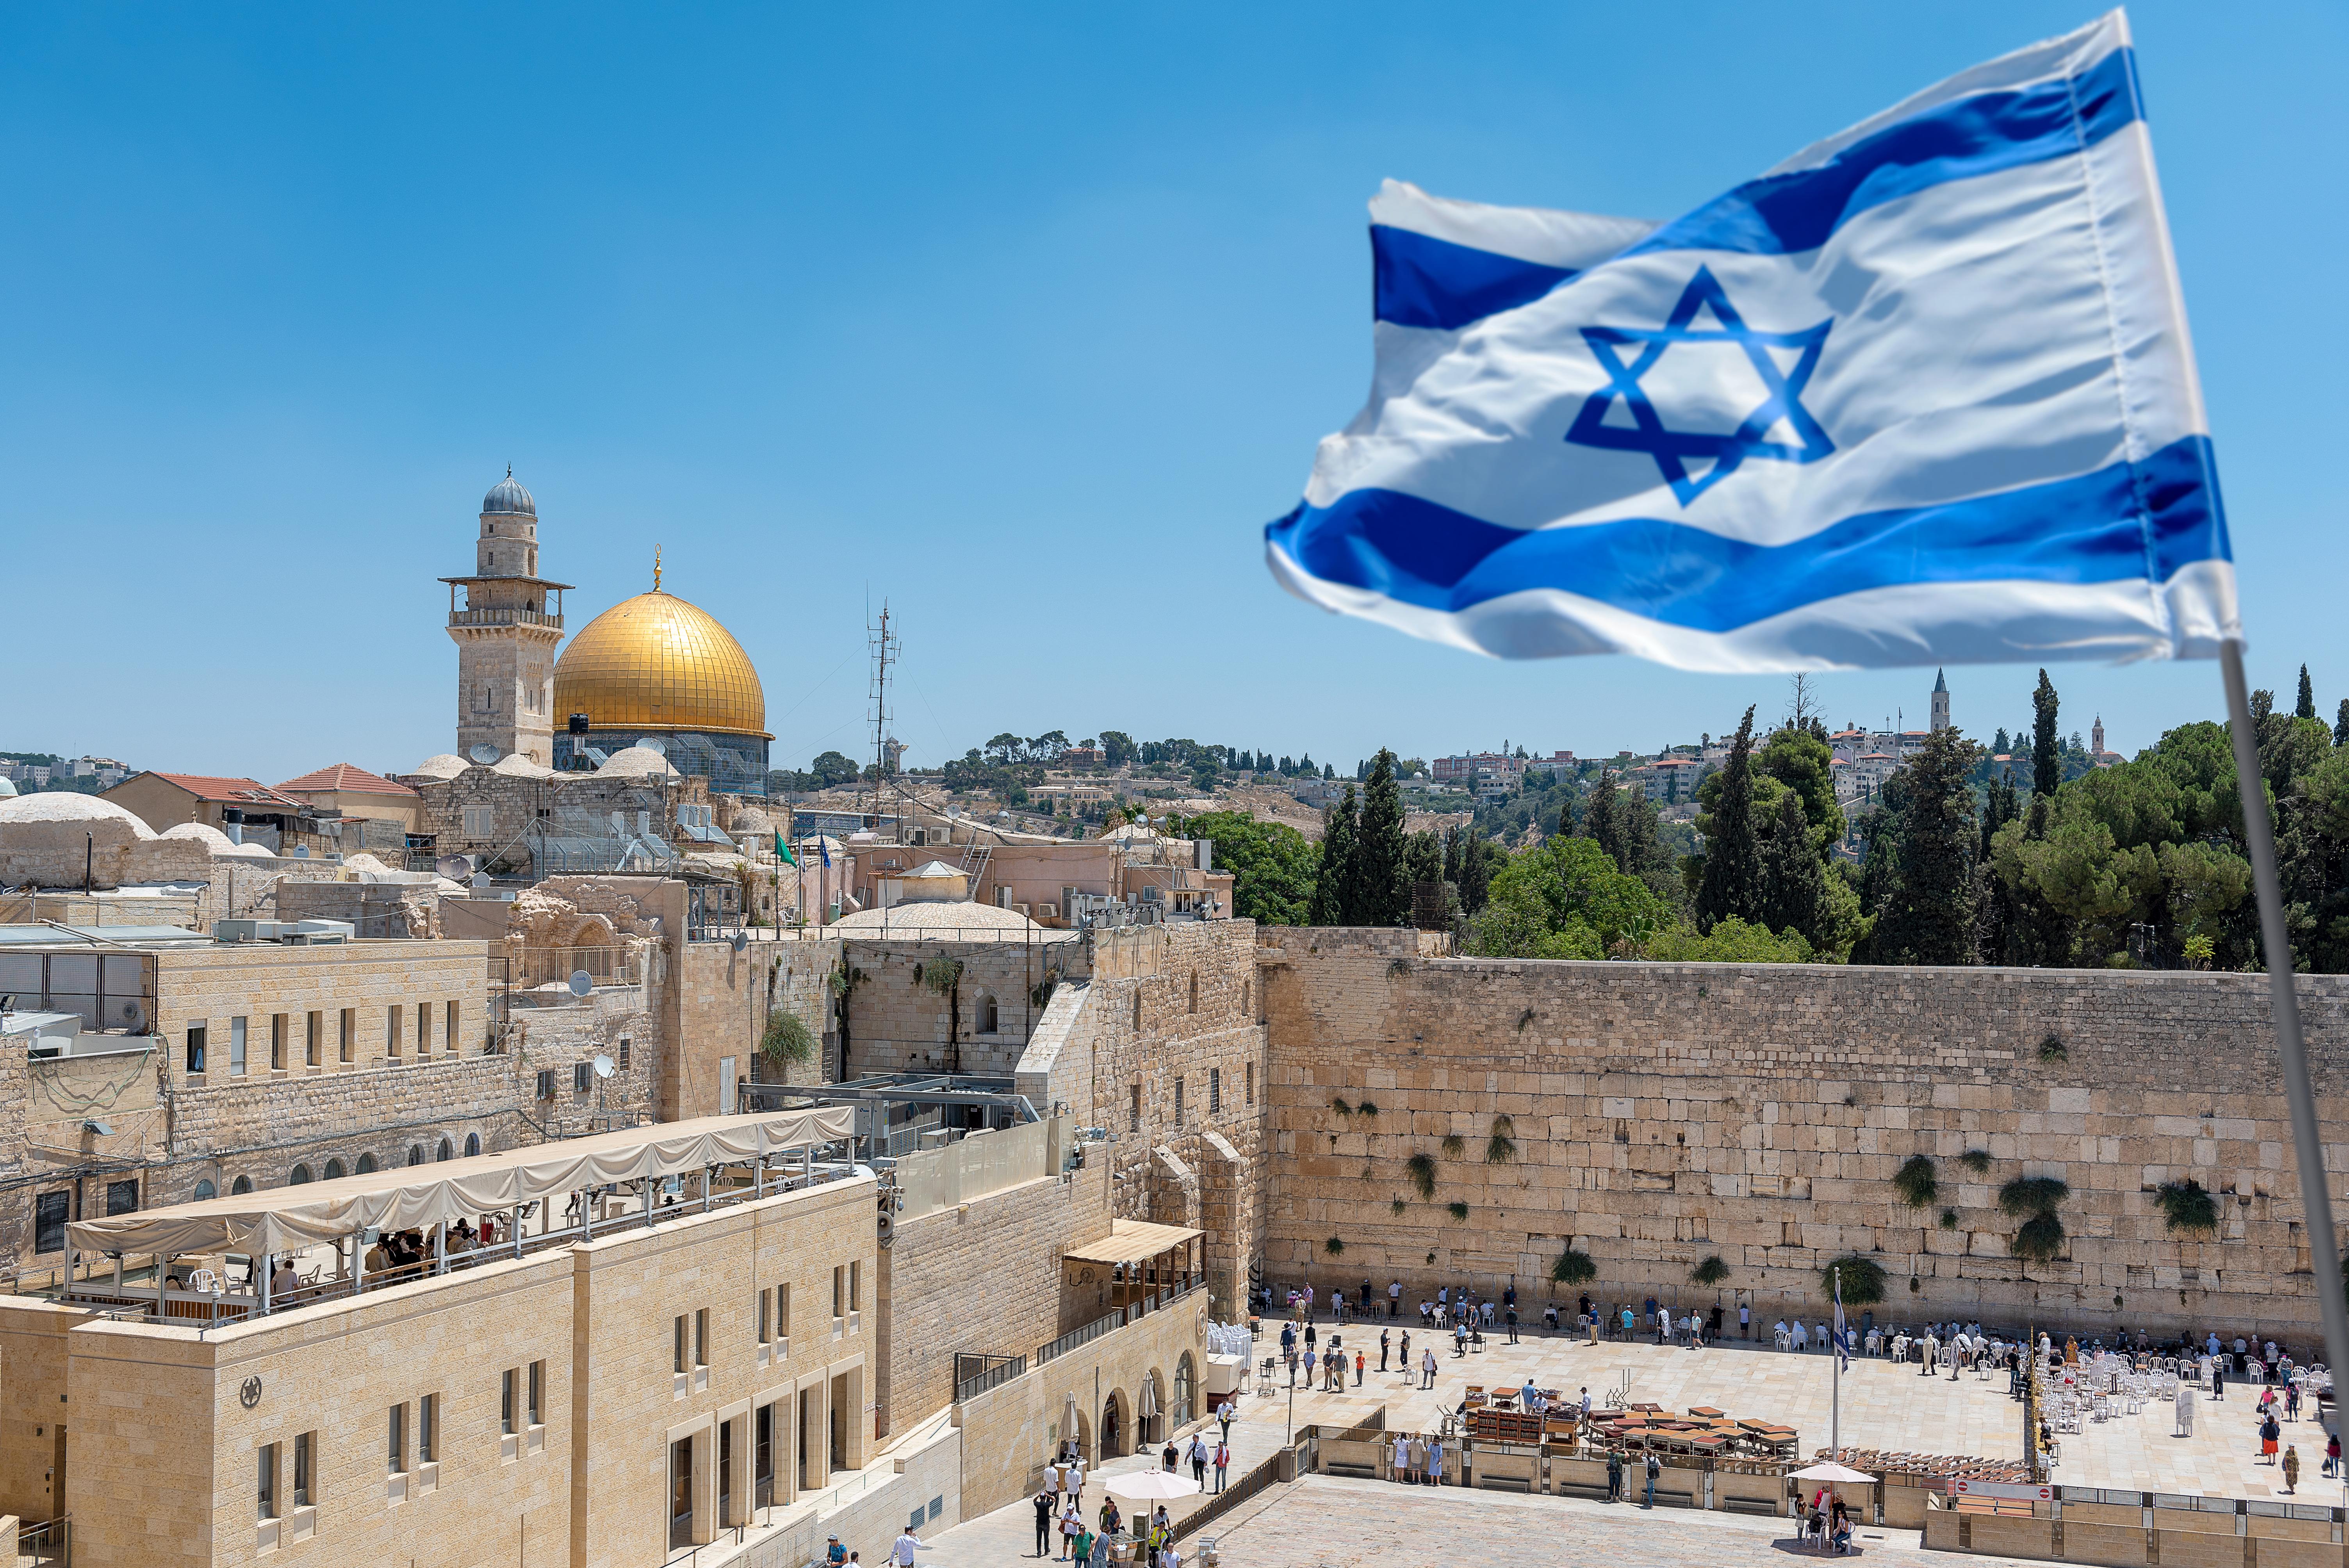 Вид на Иерусалим и флаг Израиля, куда можно переехать из стран СНГ